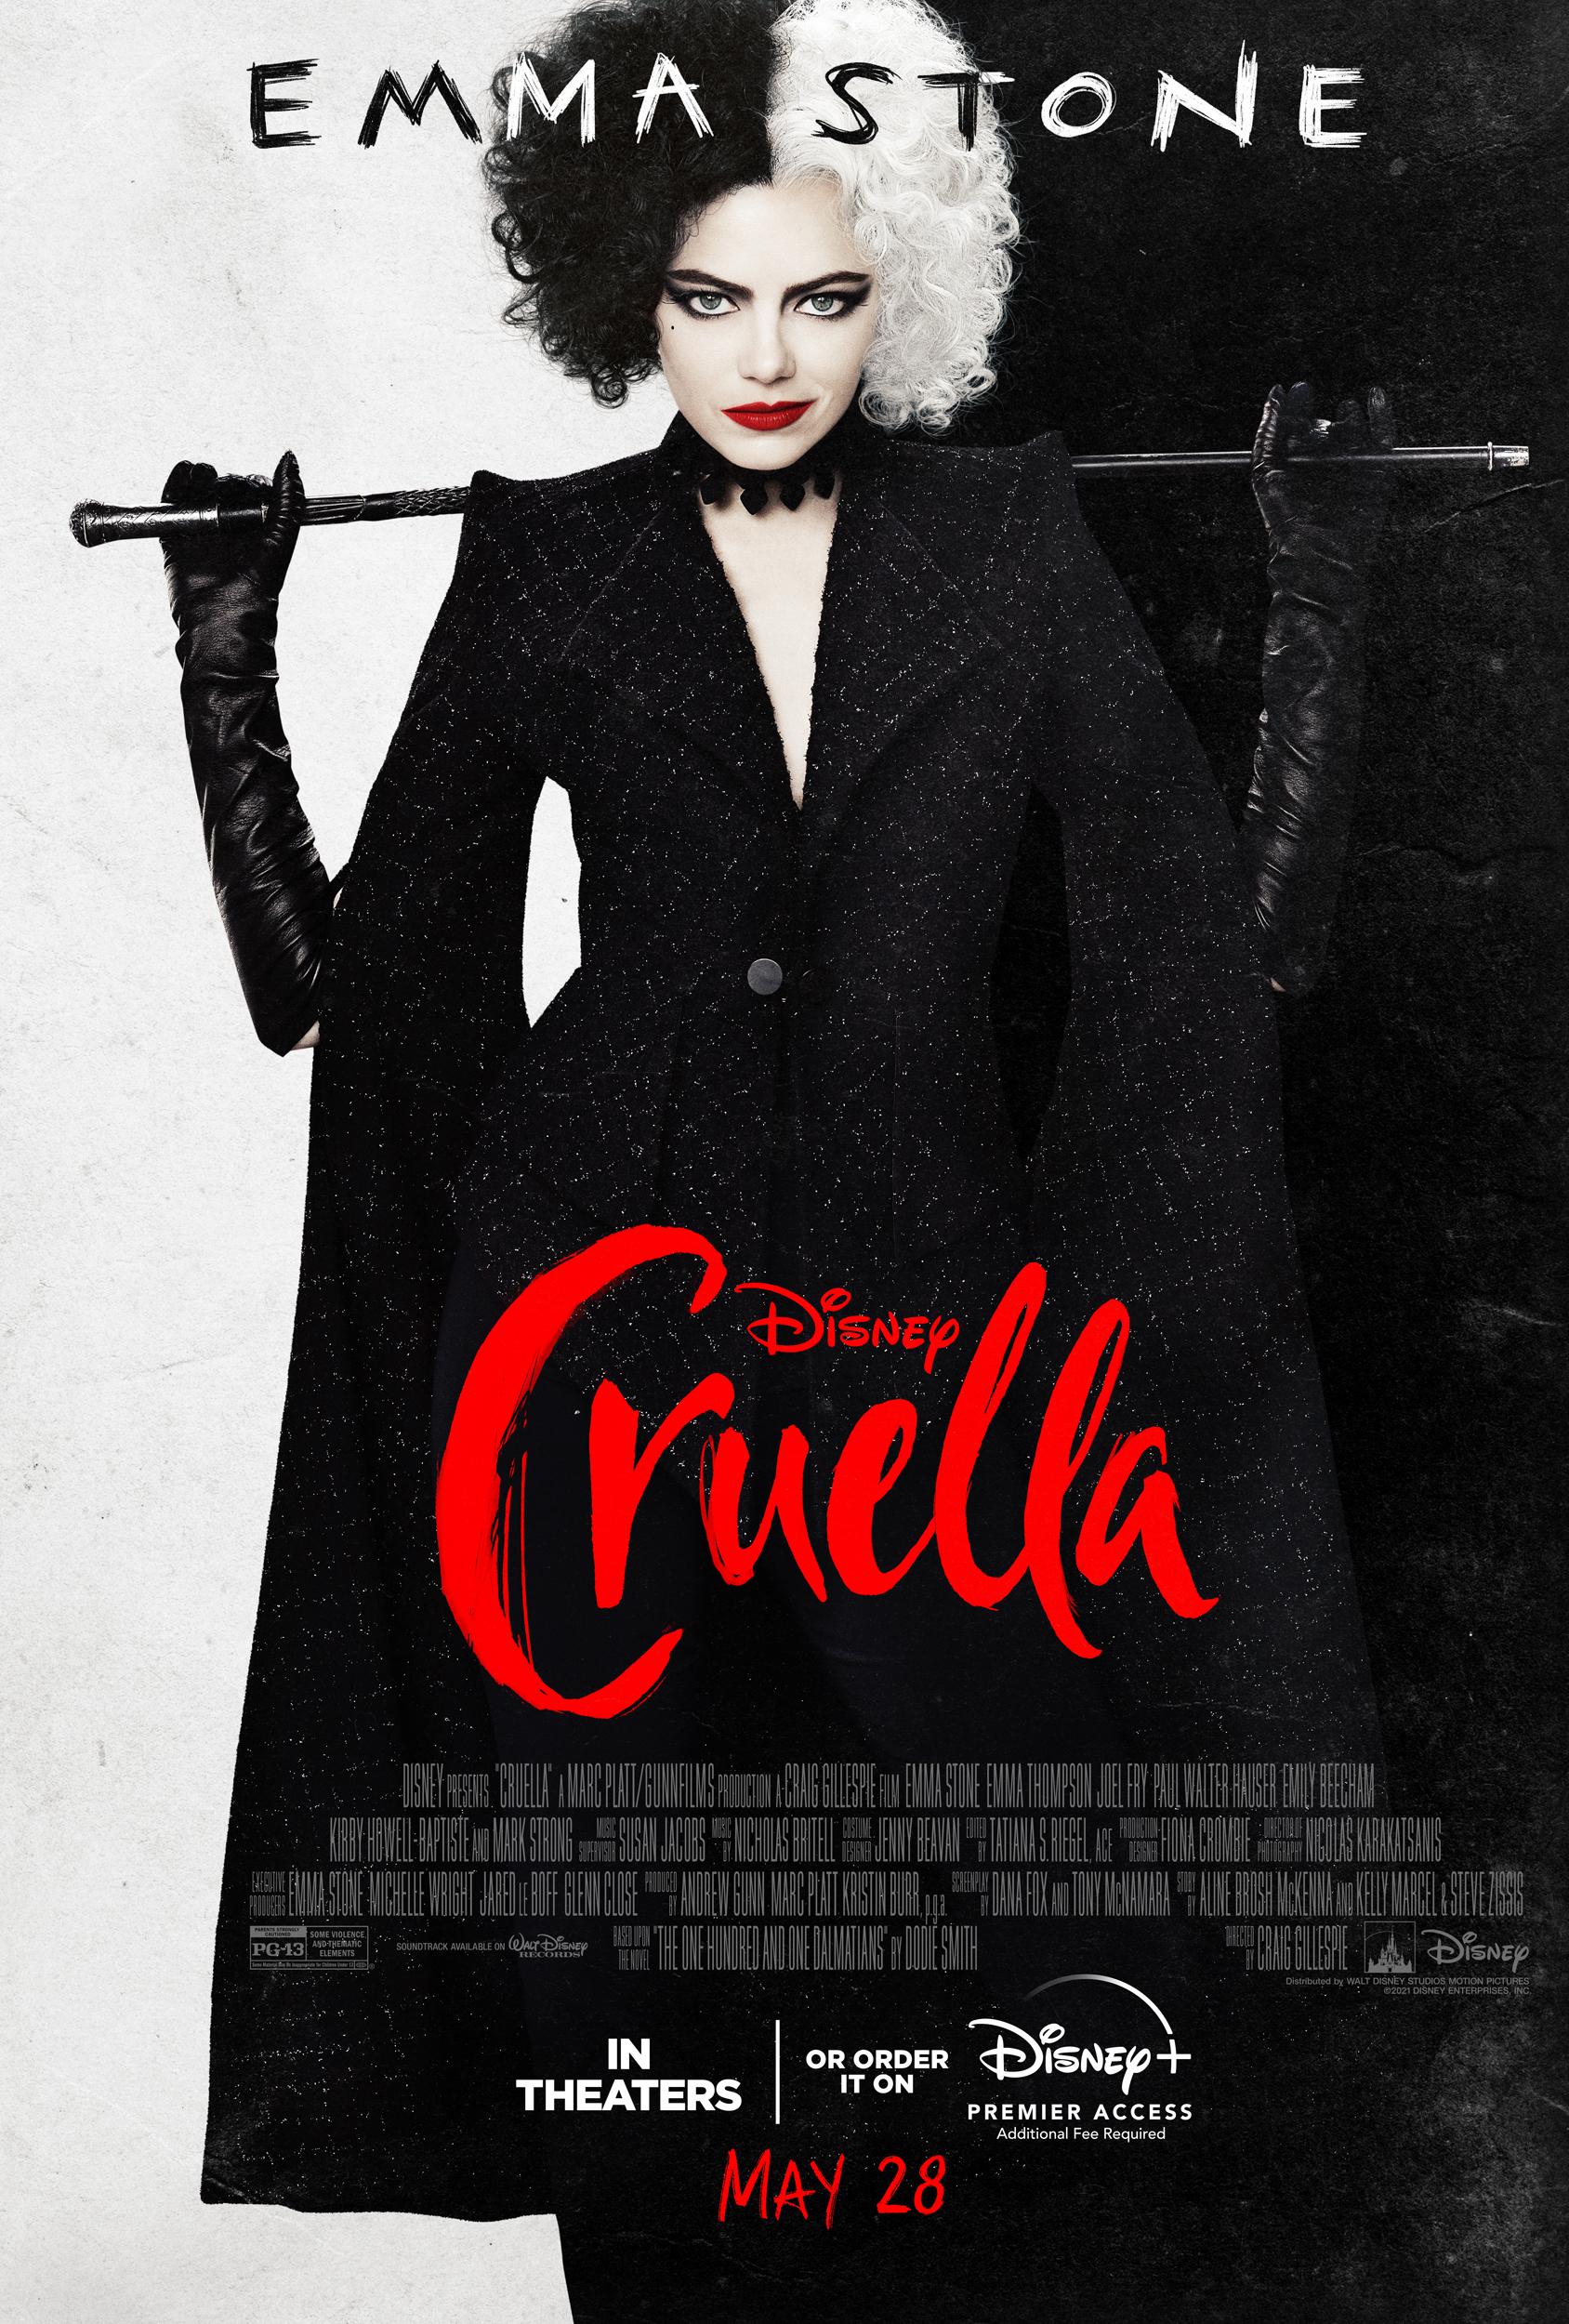 Cruella (2021) BluRay Remux | 1080p | 720p | BDRip HEVC HDR TrueHD Atmos 7.1 [TR-EN]